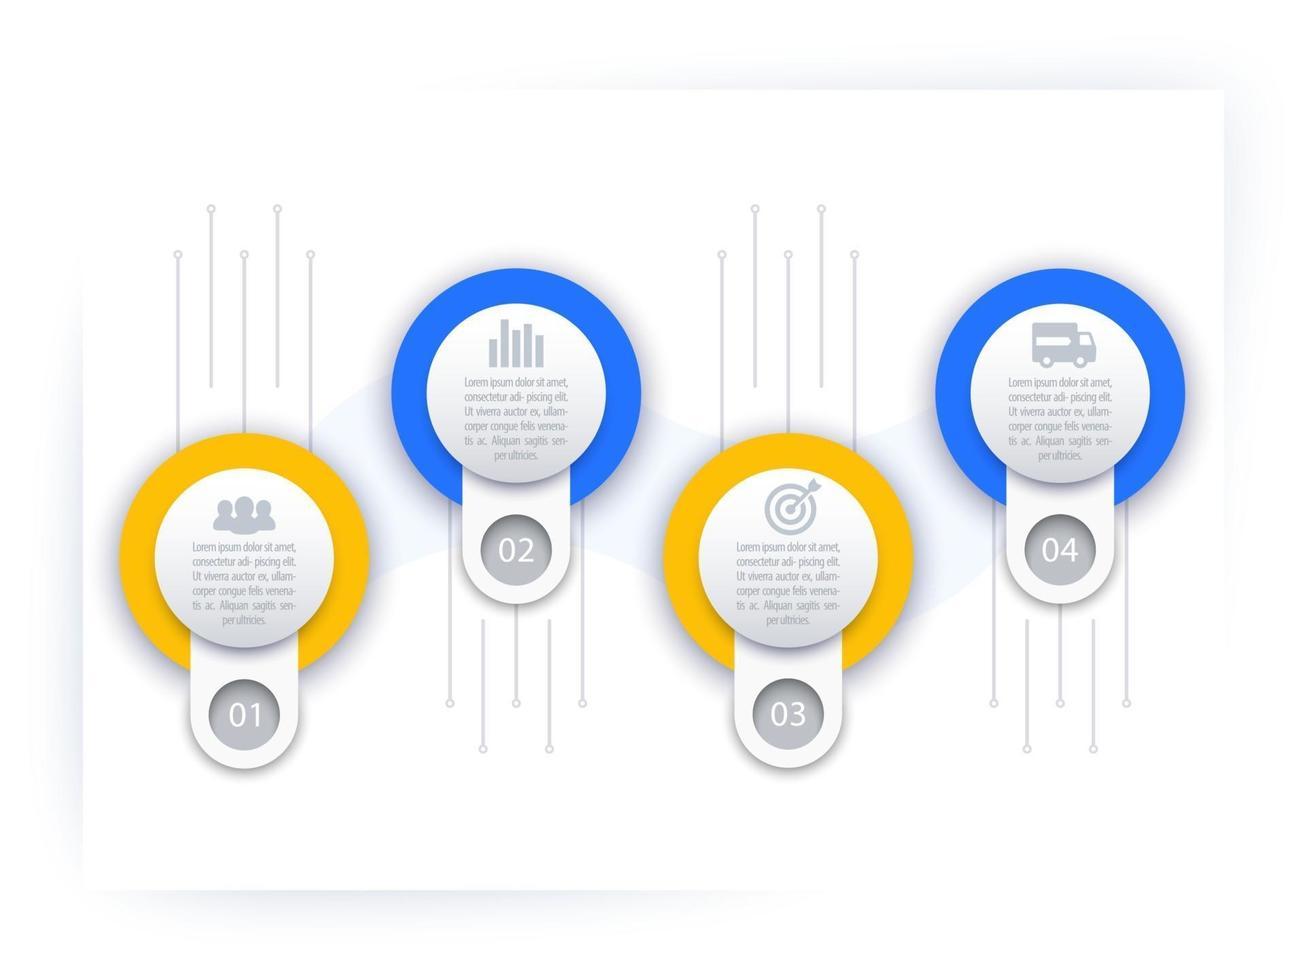 infográficos de negócios, modelo de linha do tempo, vector.eps vetor